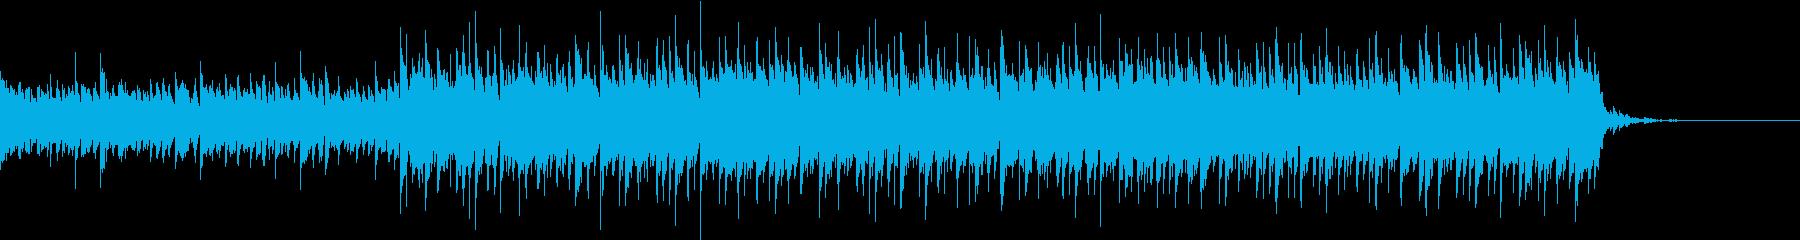 浮遊感のある近未来的なサウンドの再生済みの波形